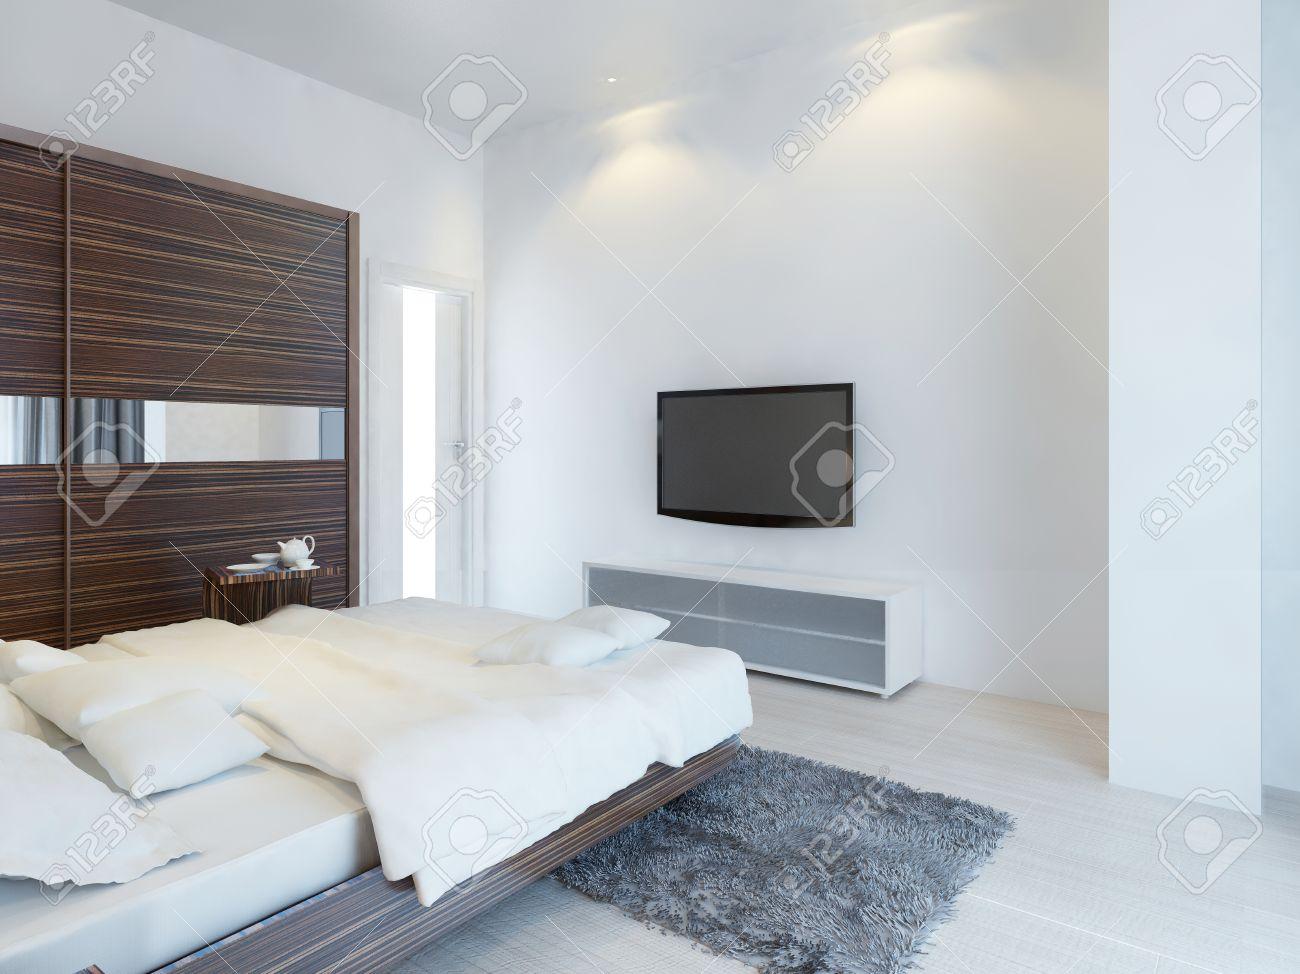 Armoire Chambre Avec Tv chambre avec tv et une console multimédia avec une grande armoire